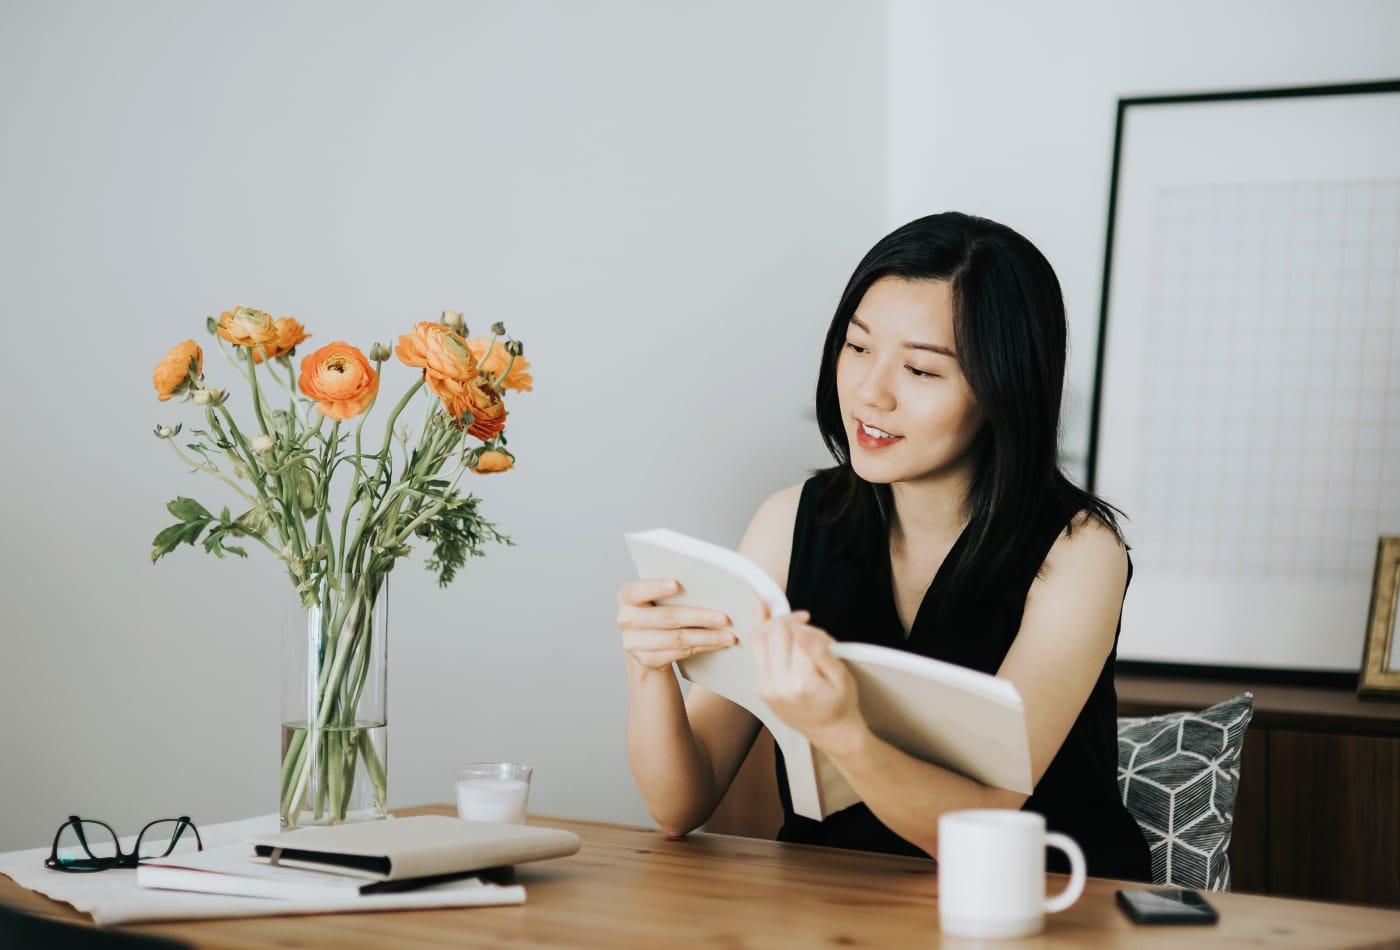 Học cách quản lý thói quen chi tiêu xuất sắc như người Nhật: Nghệ thuật tiết kiệm tiền khôn ngoan là trung thực với nhu cầu của bản thân  - Ảnh 2.